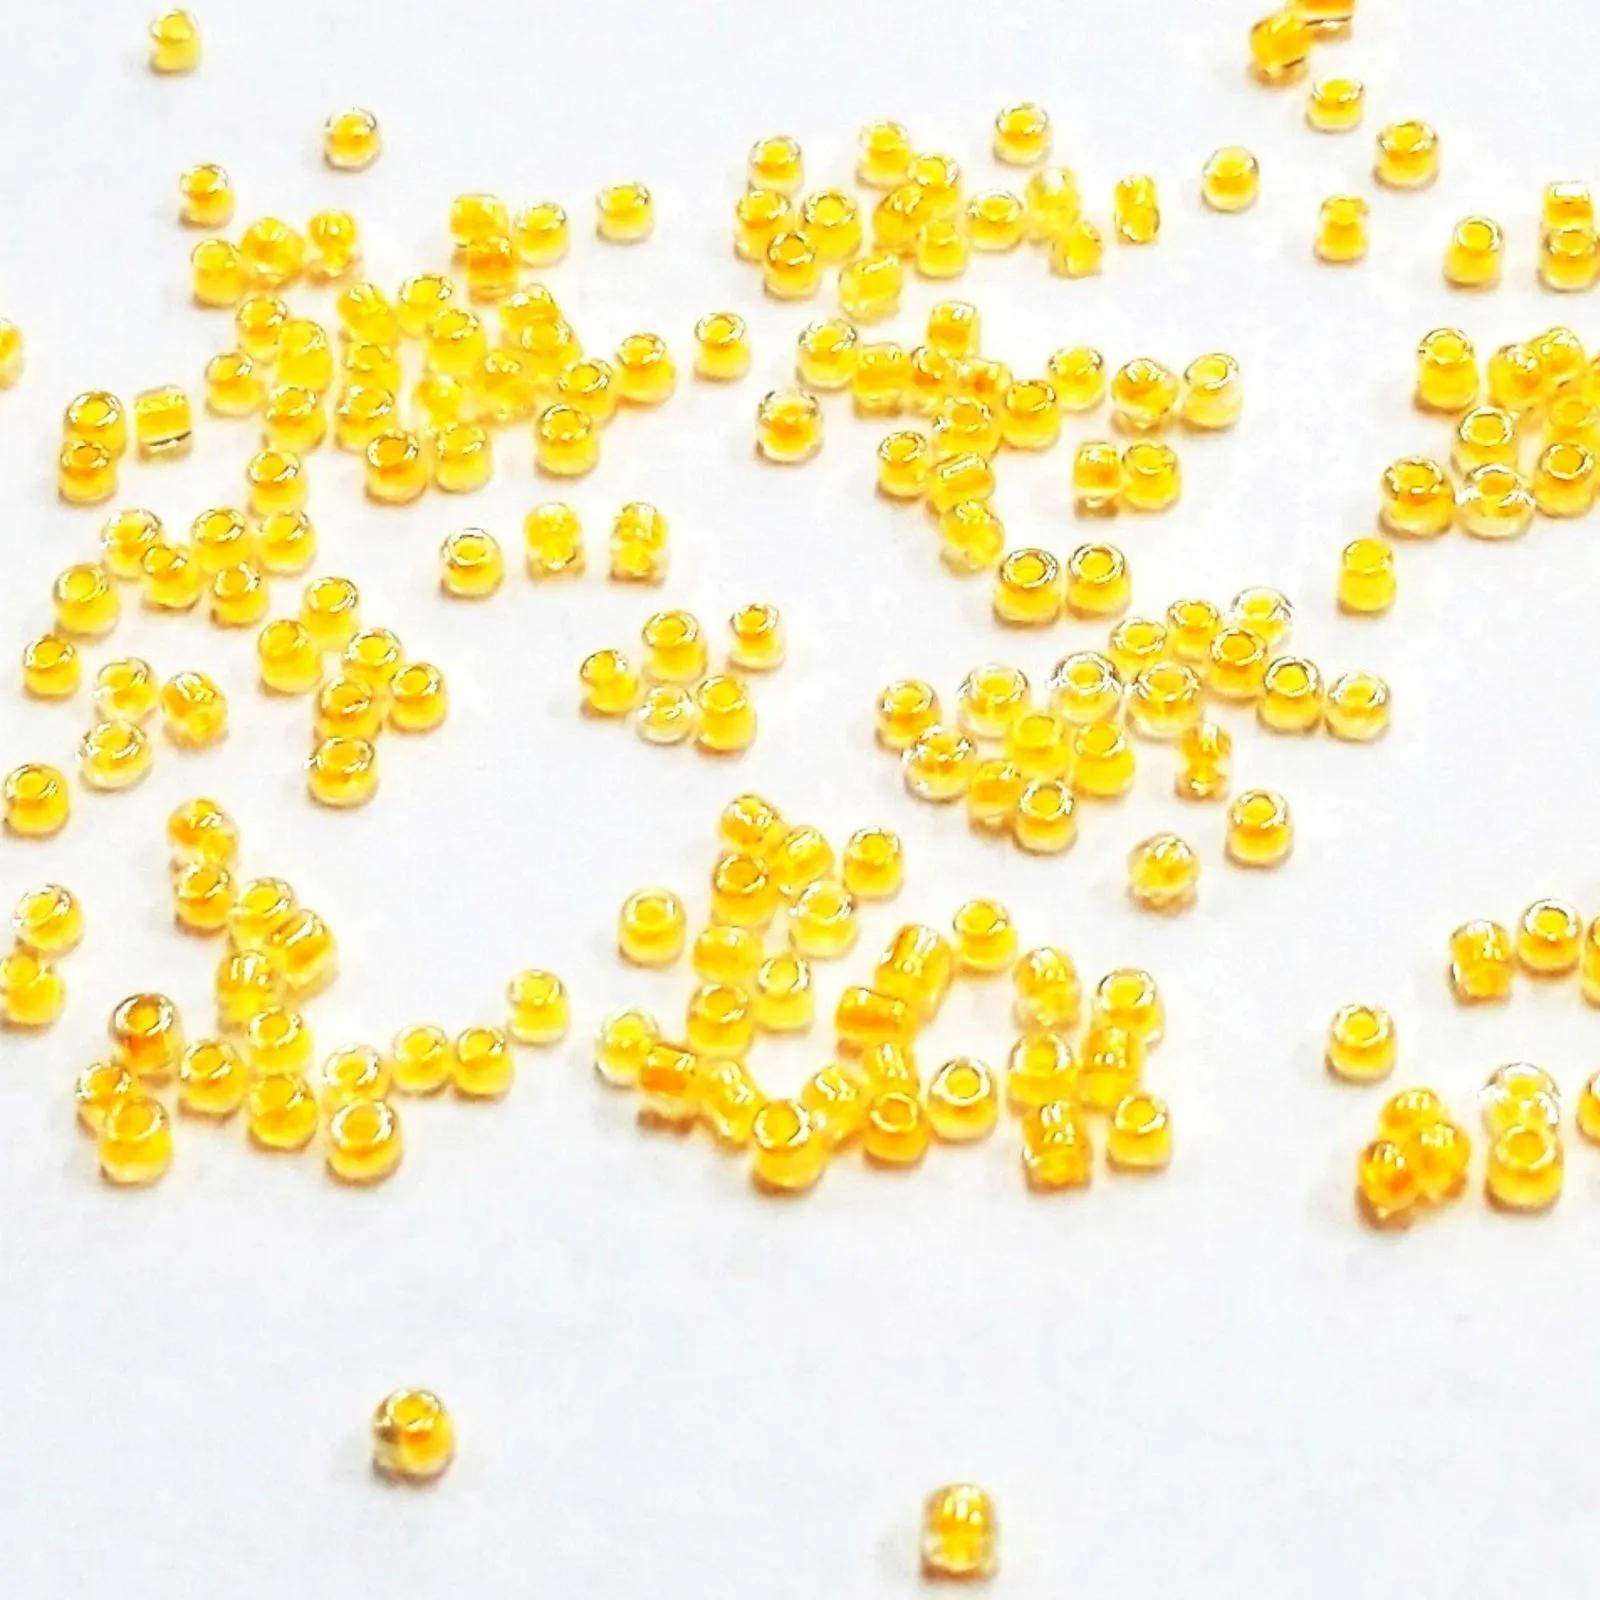 Miçanga 12/0 Miolo Pintado Lustrosa - 500g